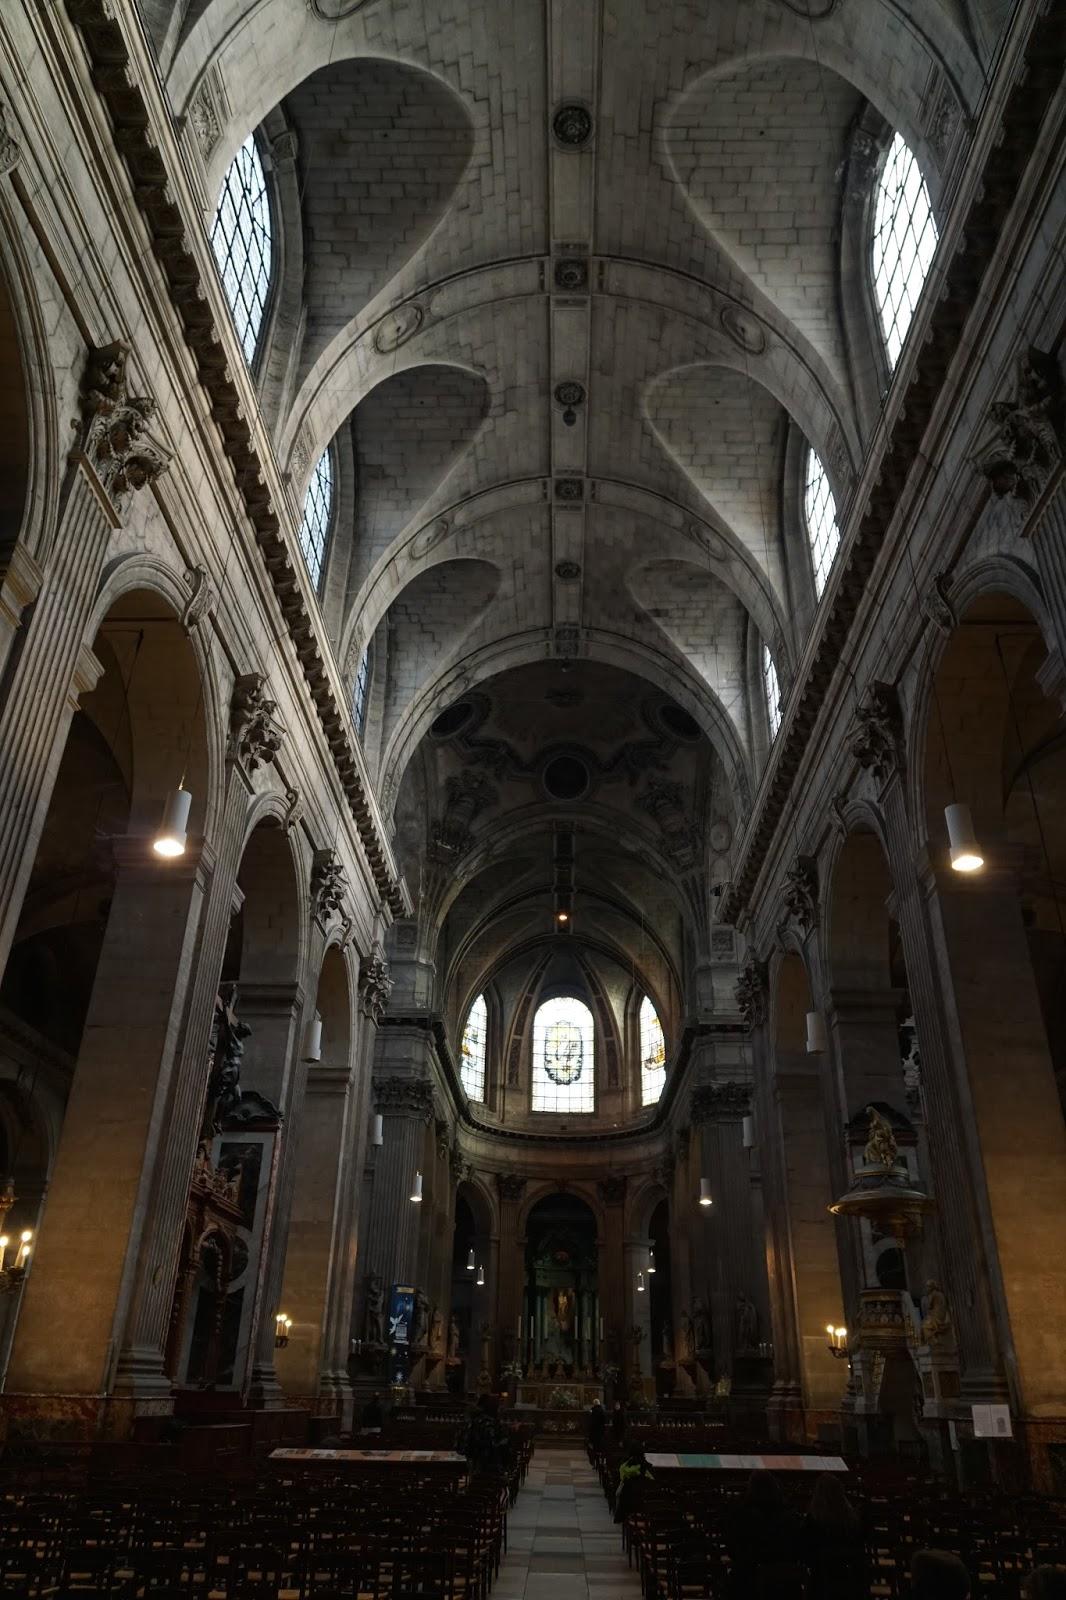 サン=シュルピス教会 (Église Saint-Sulpice) 内廊